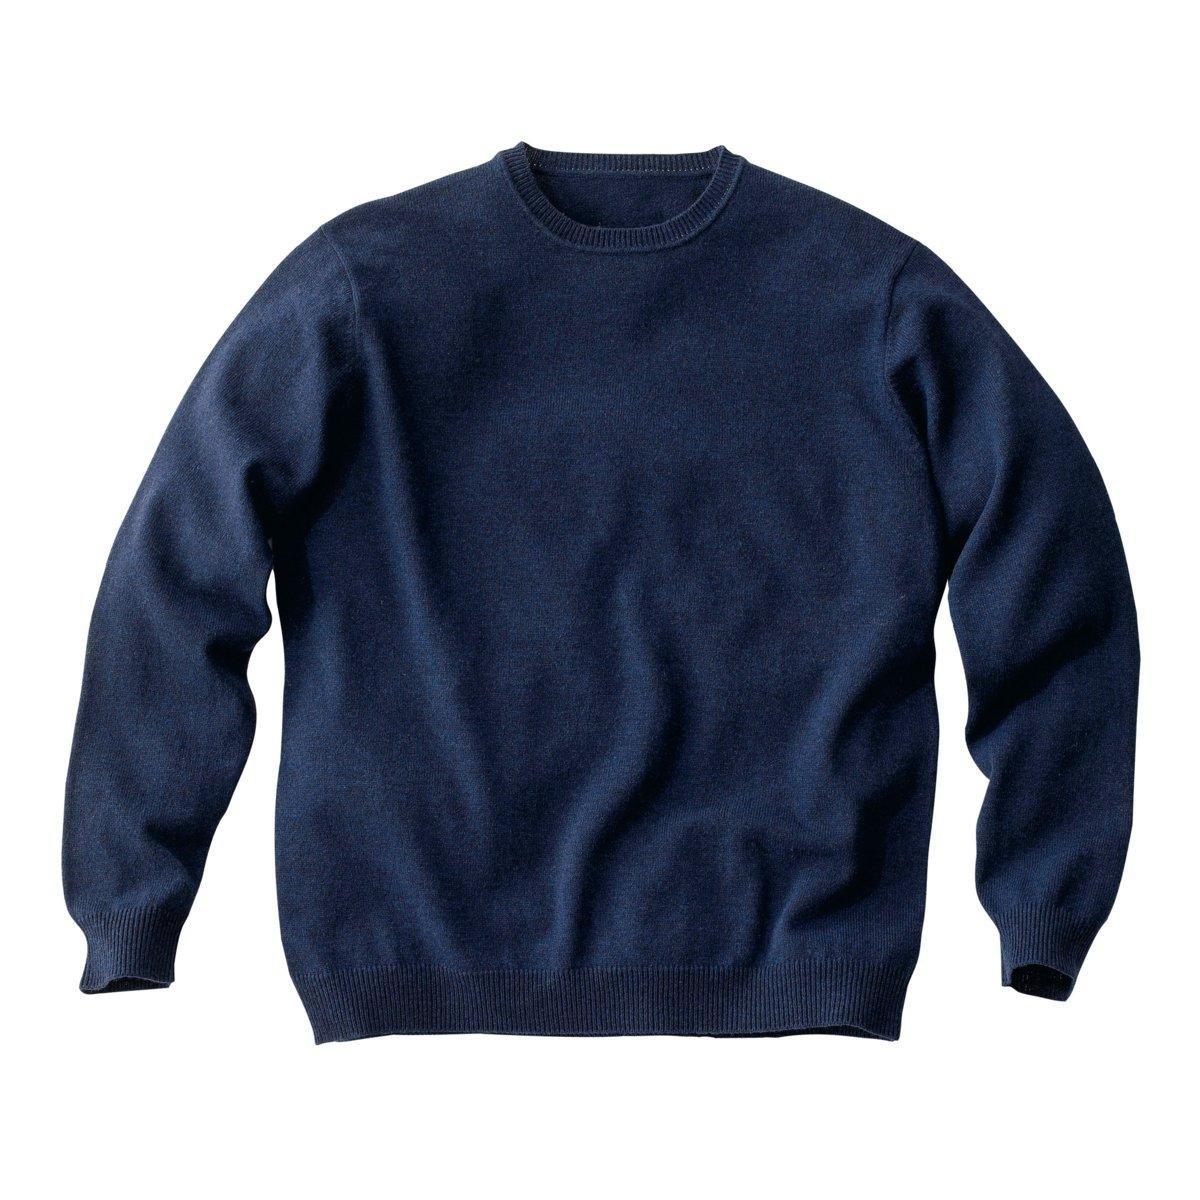 Пуловер, 50% шерстиТовар из коллекции больших размеров. Незаменимый базовый пуловер из шерсти ягненка! Круглый вырез. Чуть уменьшенные проймы. Края связаны в рубчик. Мягкий и теплый трикотаж, 50% шерсти ягненка, 50% полиамида. Длина 73 см. Обратите внимание, что бренд Taillissime создан для высоких, крупных мужчин с тенденцией к полноте. Чтобы узнать подходящий вам размер, сверьтесь с таблицей больших размеров на сайте.<br><br>Цвет: темно-синий меланж